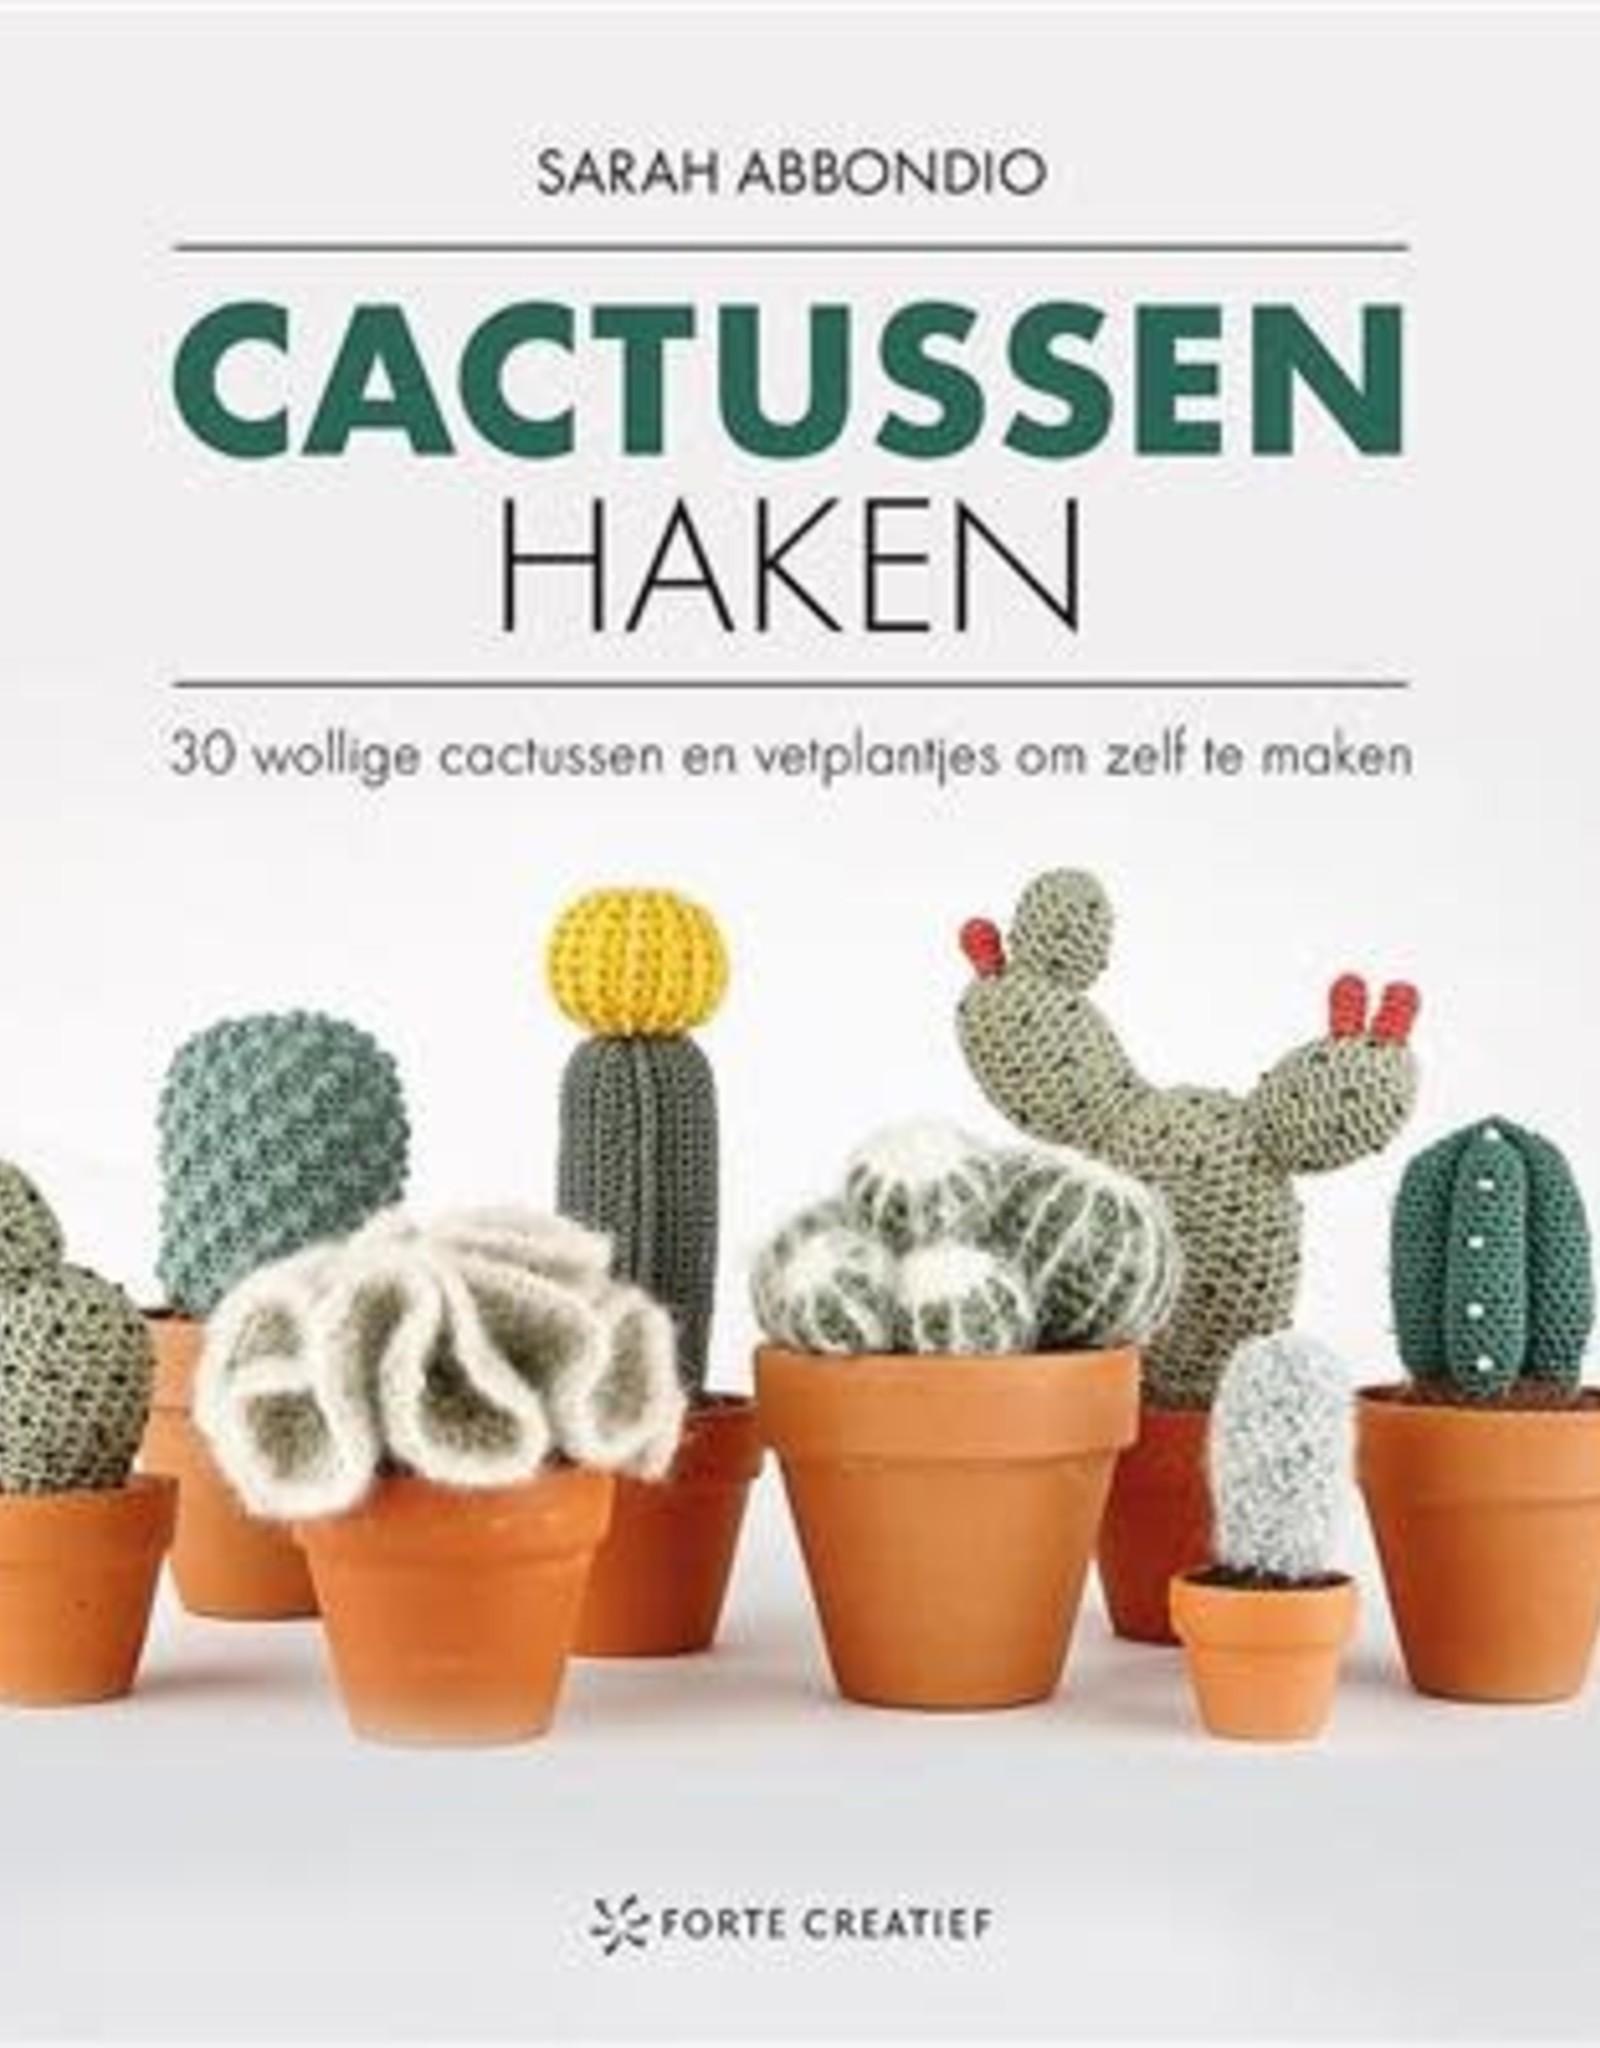 Boek Cactussen haken